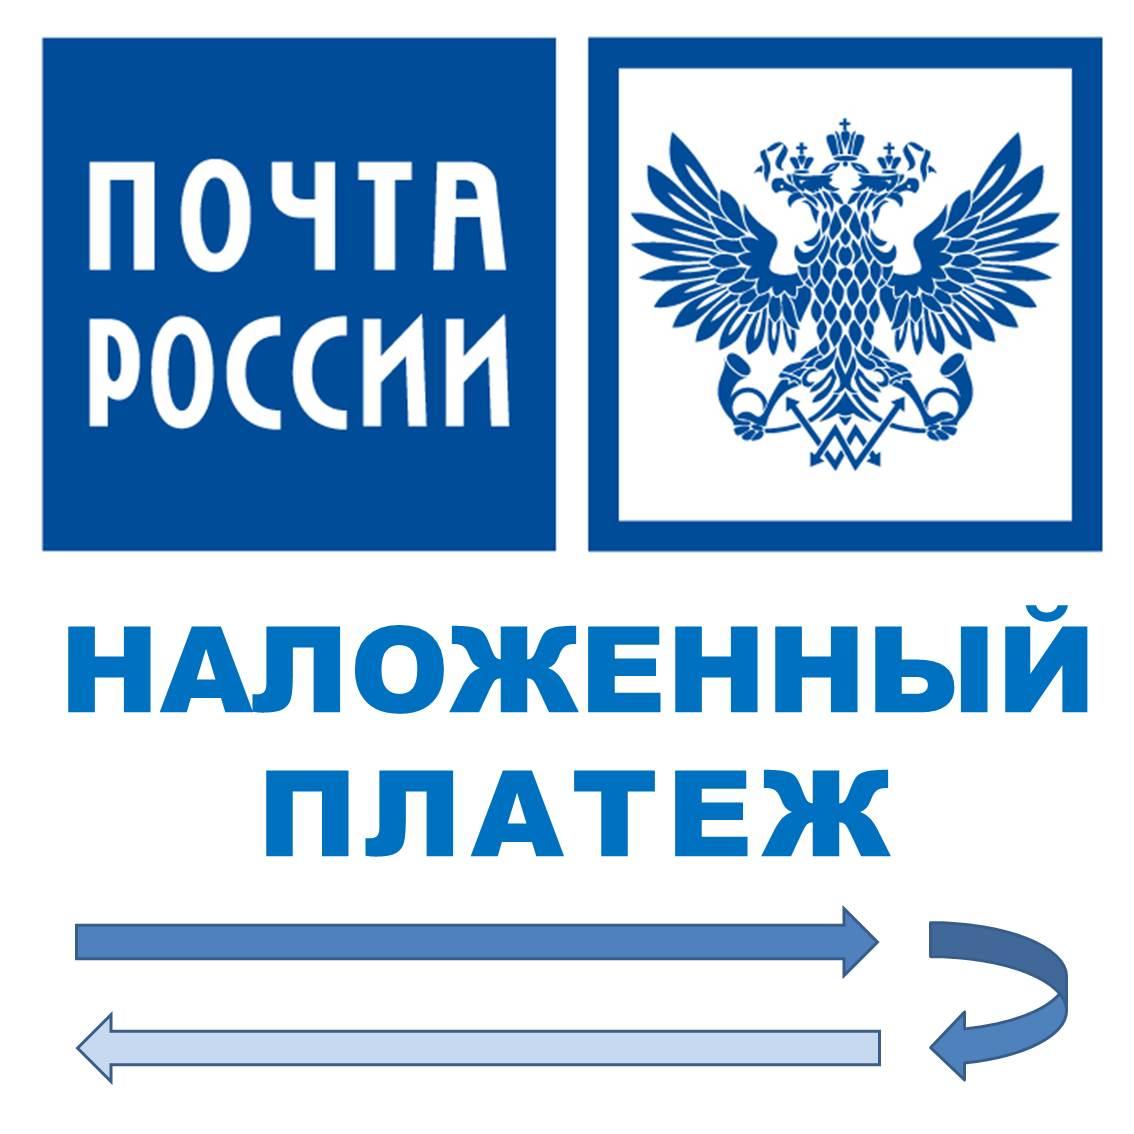 Отправка наложенным платежом почта россии как это сделать